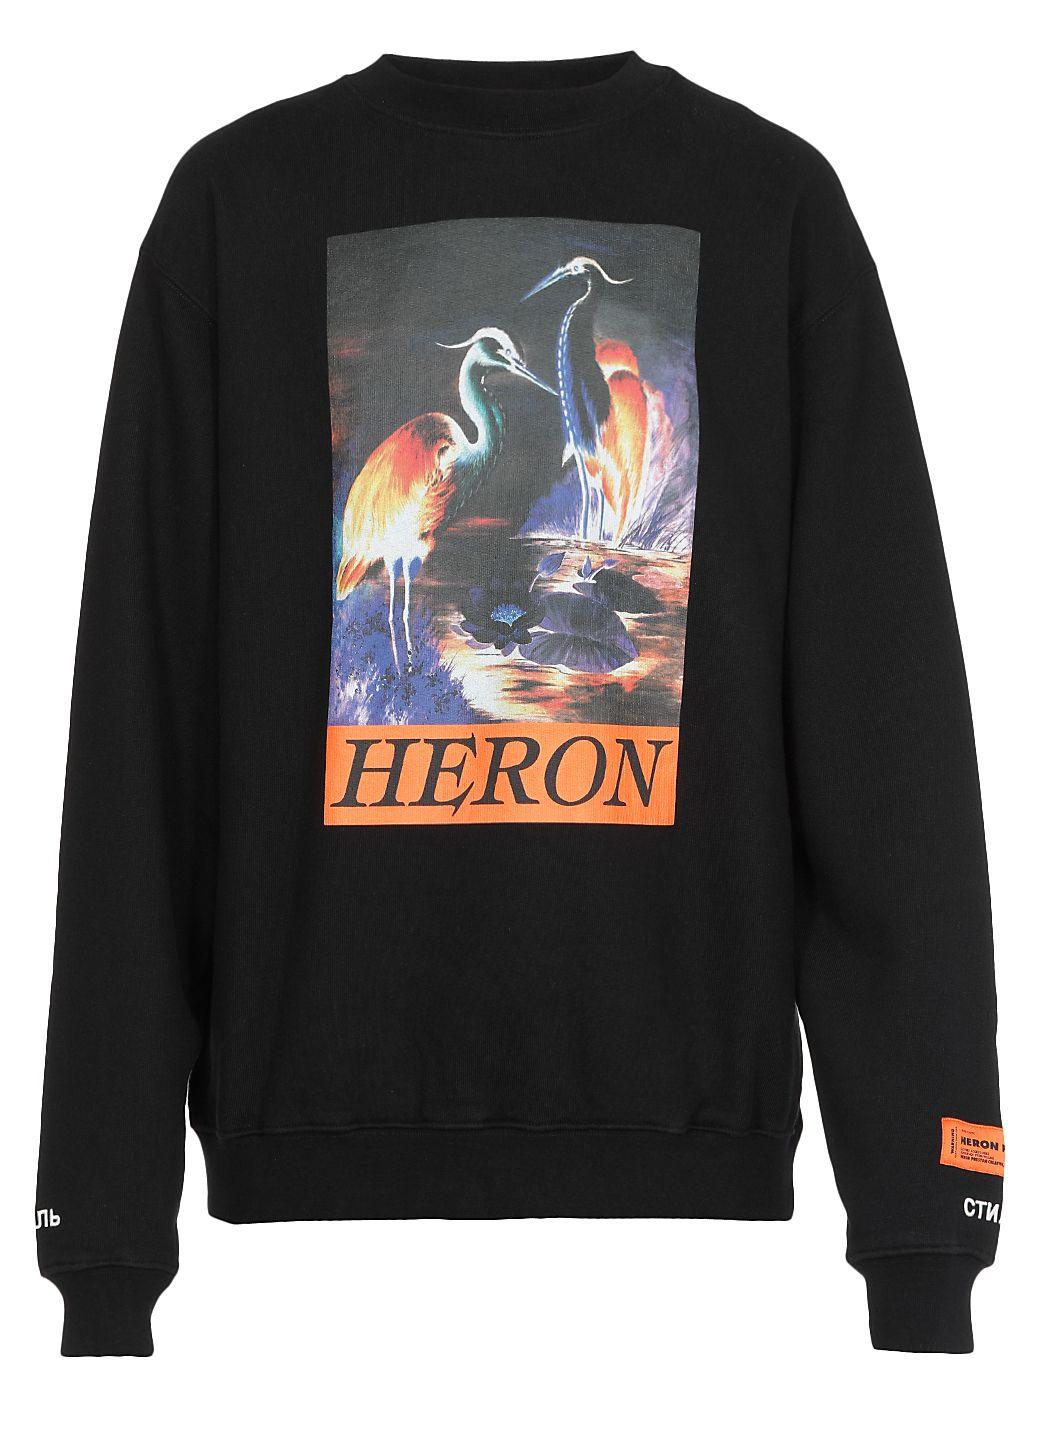 Crewneck os heron times